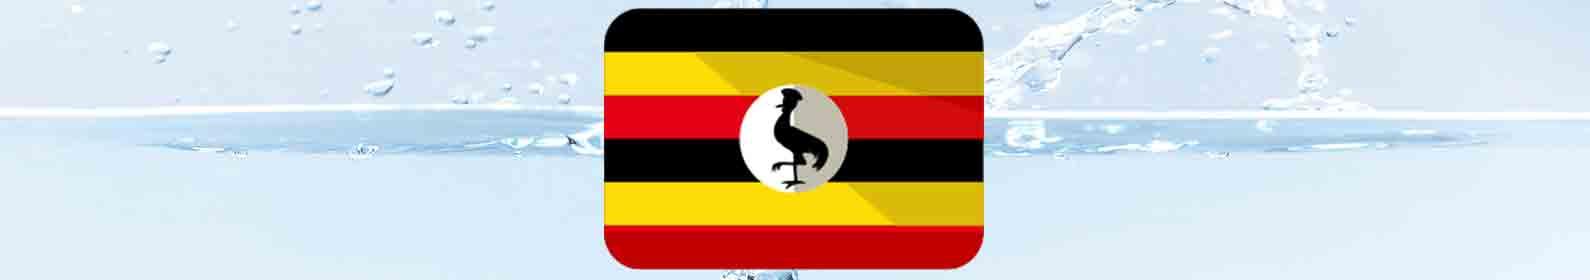 tratamento-de-agua-uganda.jpg